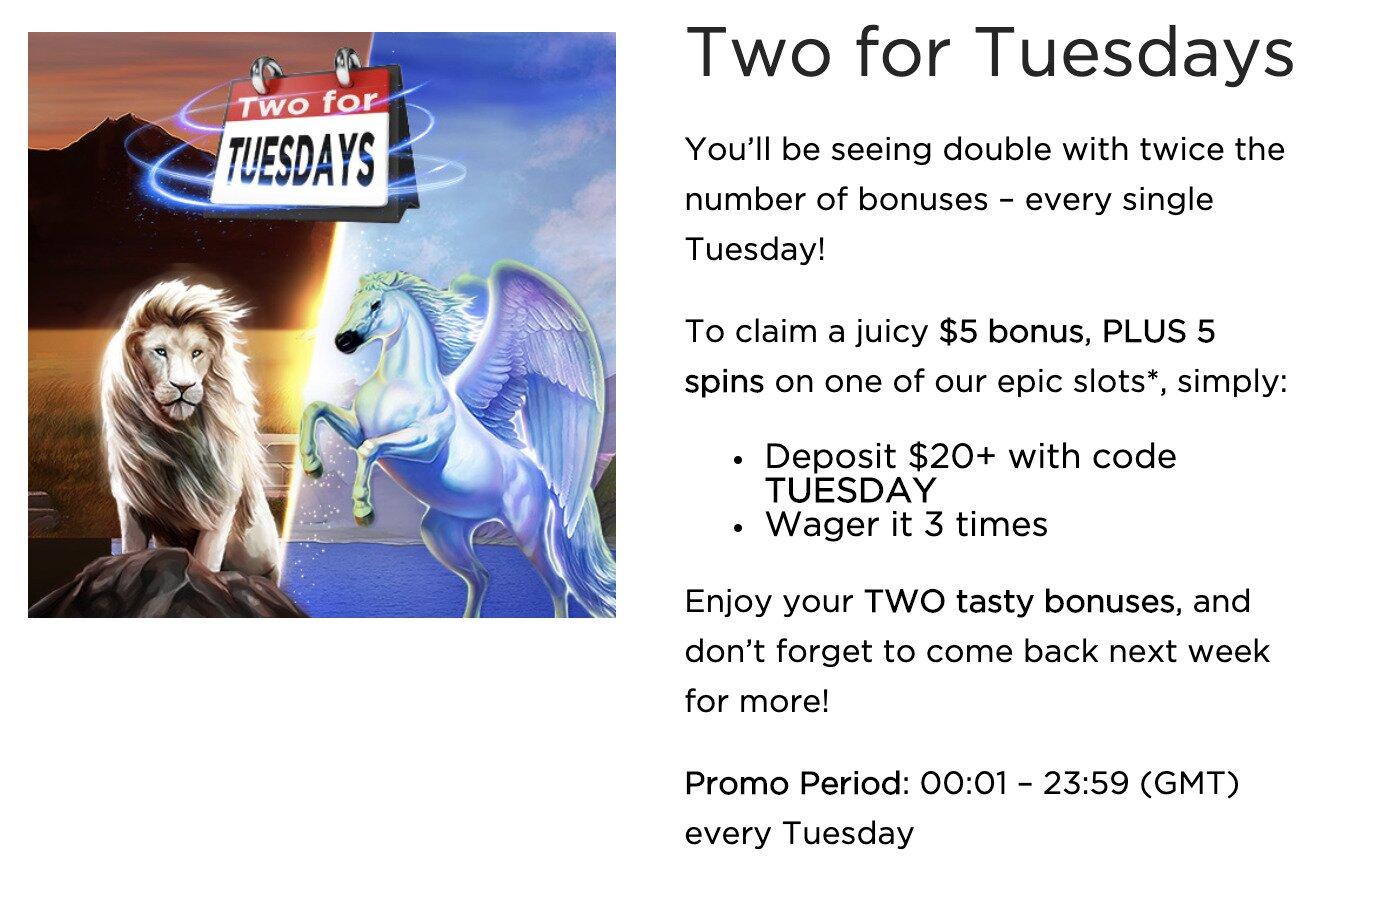 Casino.com Tuesday Deal